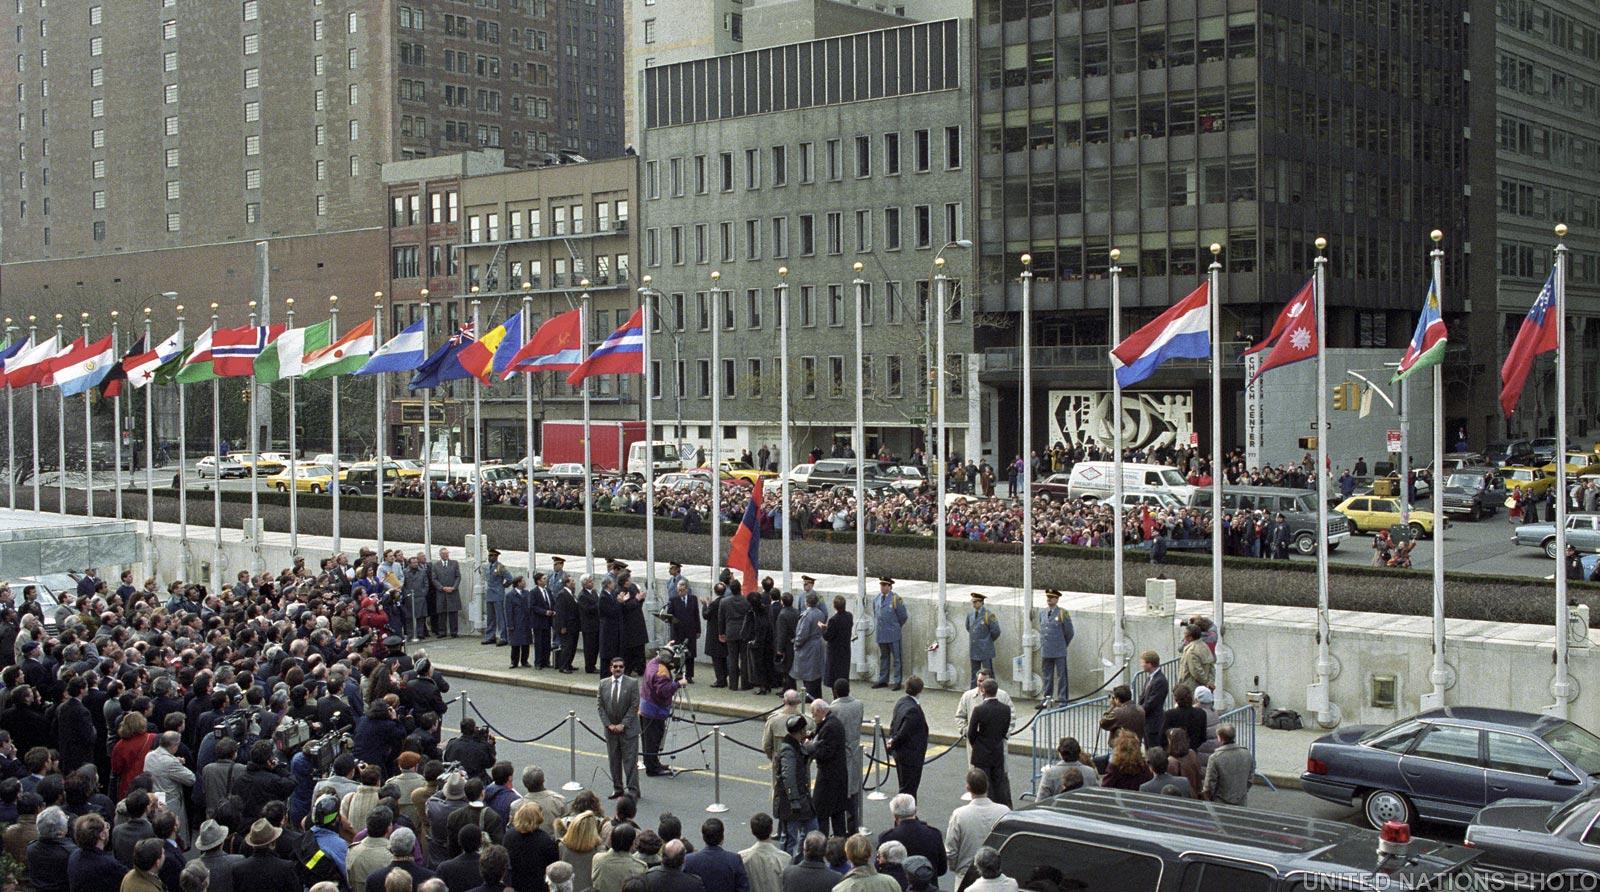 Церемония поднятия флага Кыргызской Республики у здания ООН / UN Photo / АКИpress